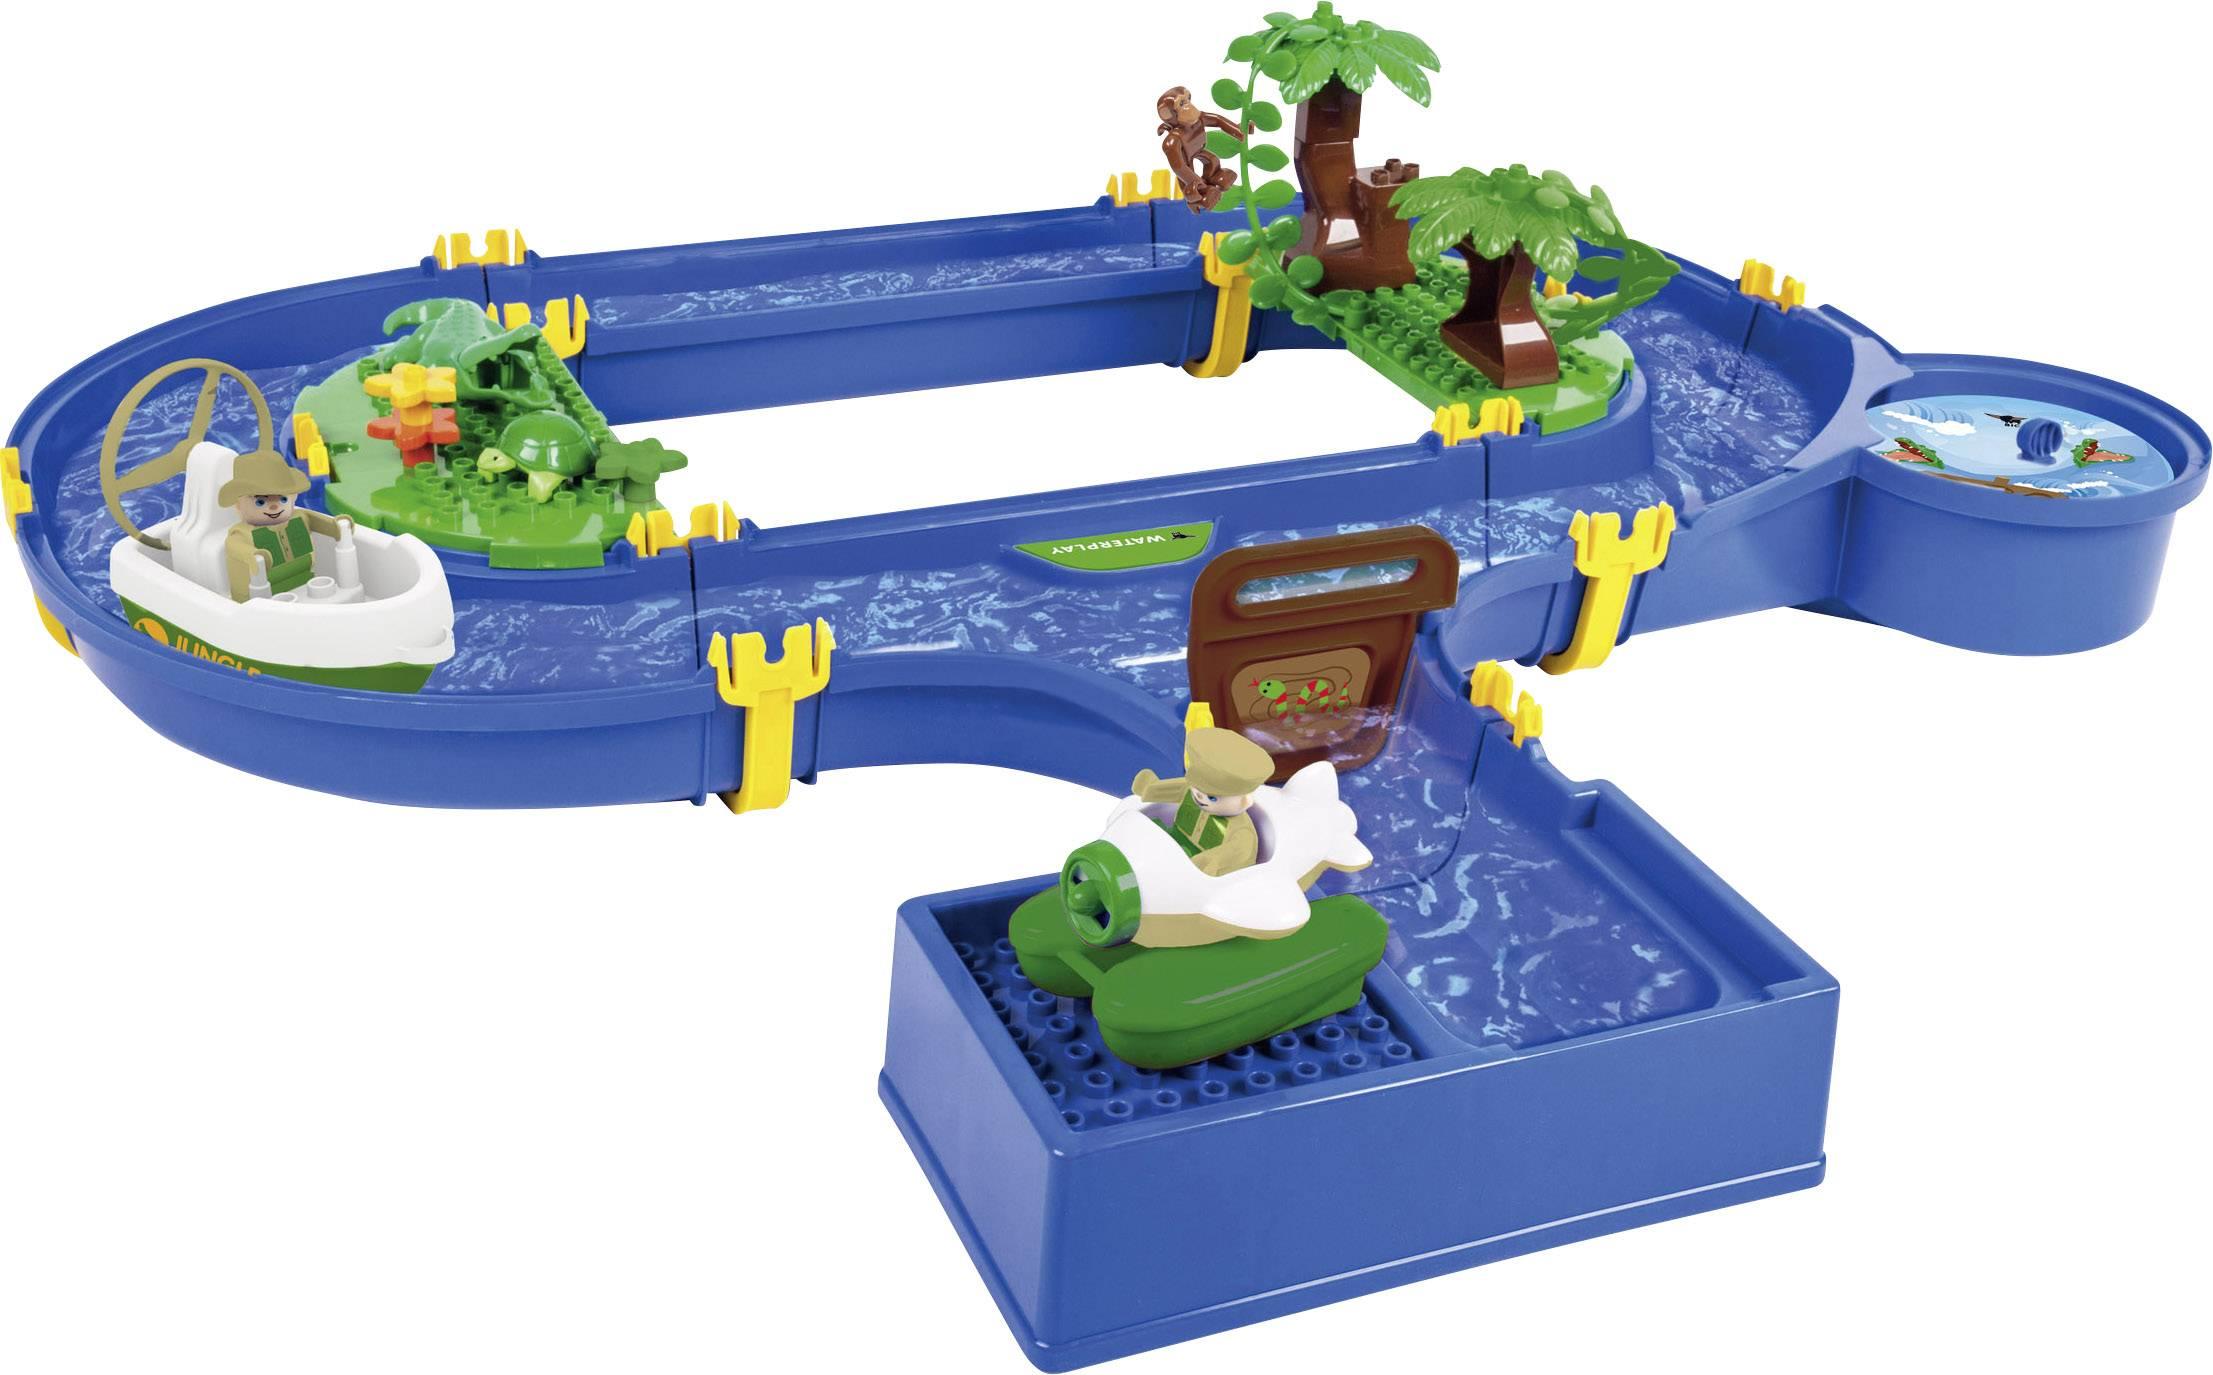 Big Water Play Jungle Adventure Conradcom